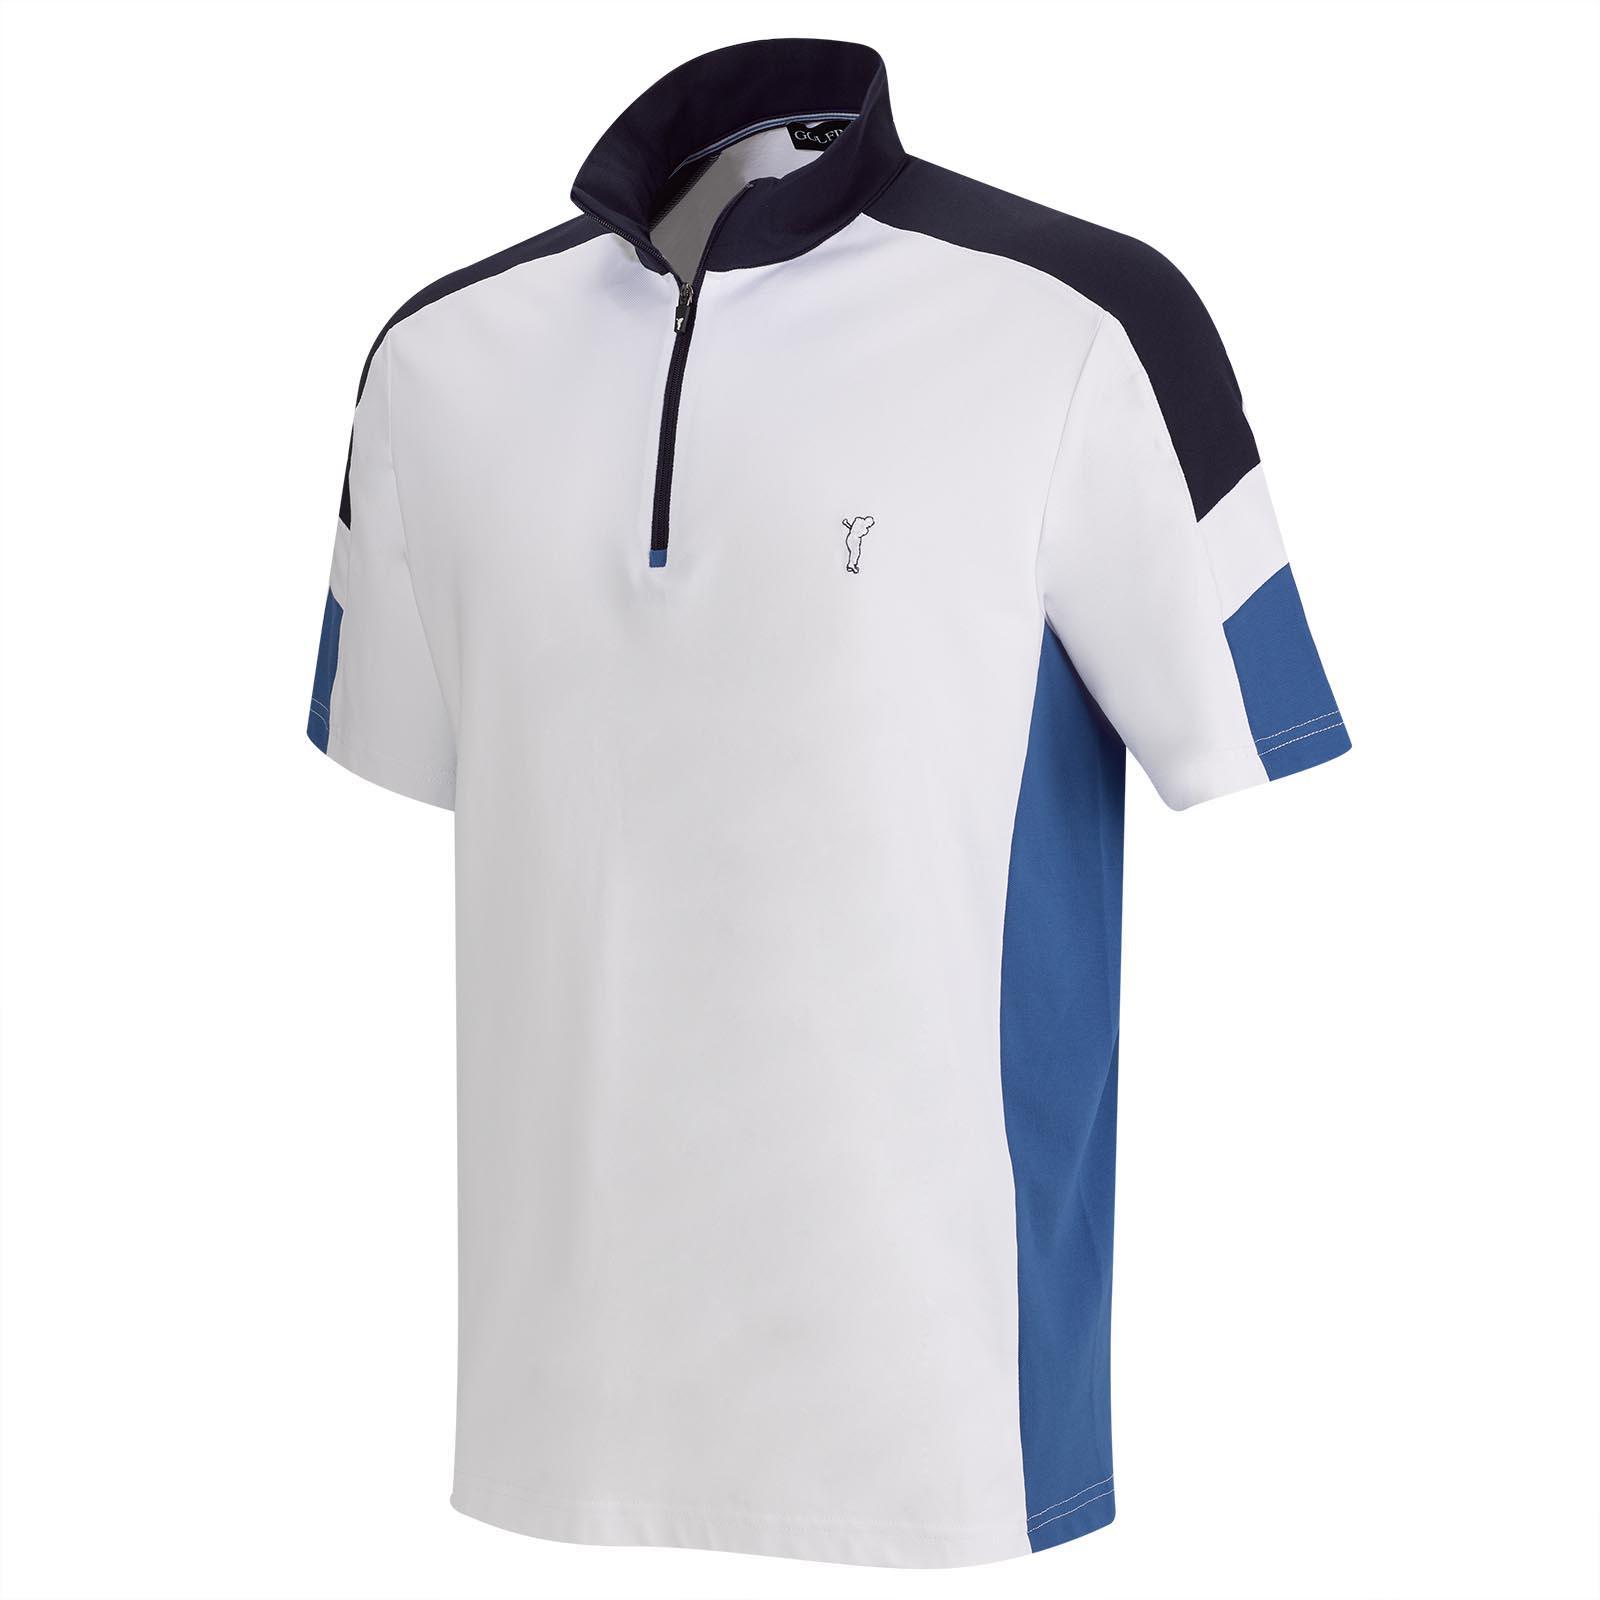 Performance Kurzarm Herren Golftroyer mit UV-Schutz im Pro-Look